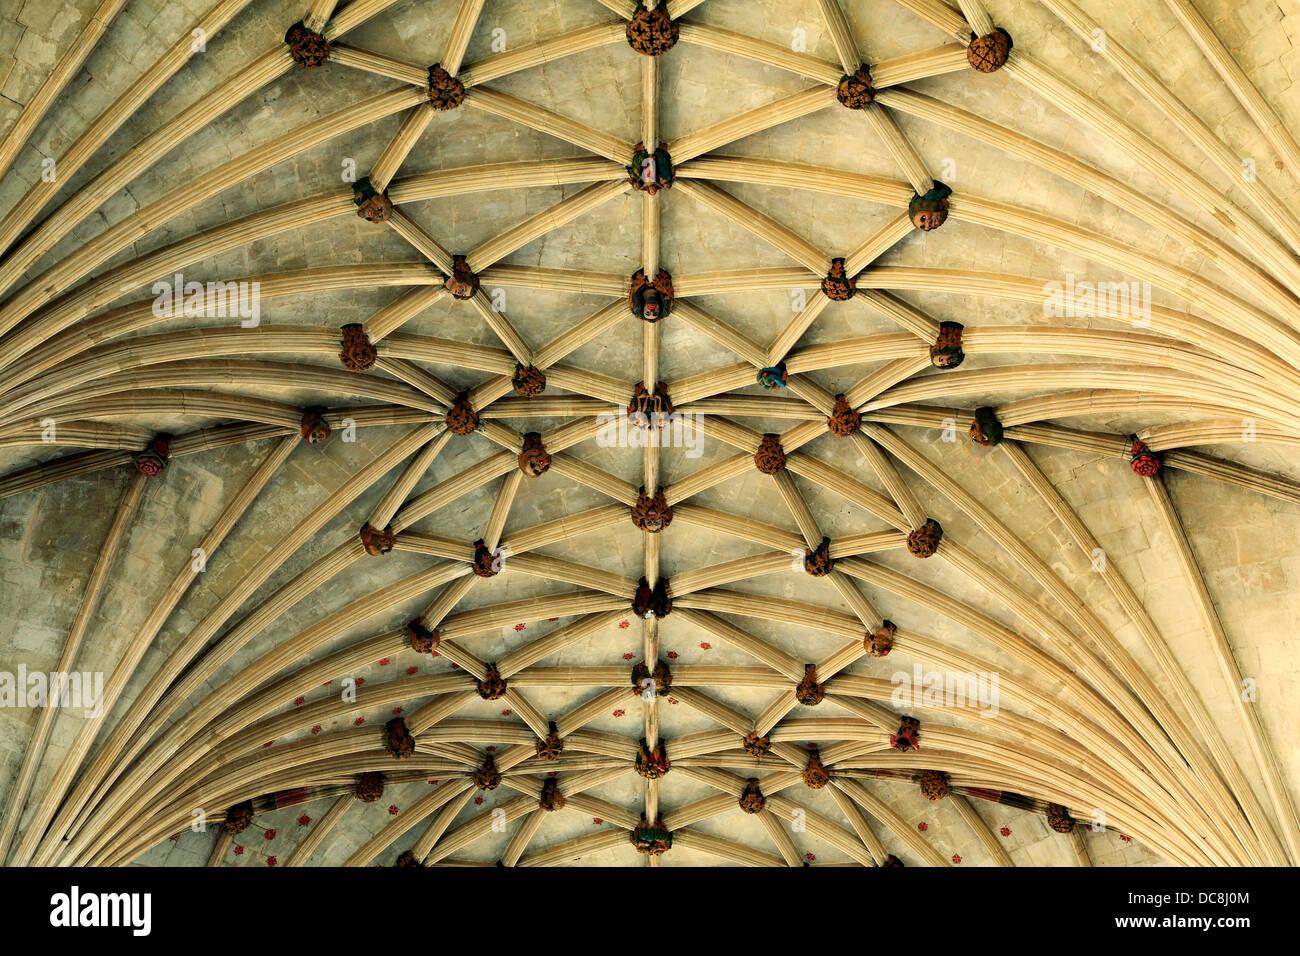 Ely Cathedral, Marienkapelle, Lierne Tresor Decke Dach 14. Jahrhundert englische mittelalterliche Architektur Cambridgeshire Stockbild